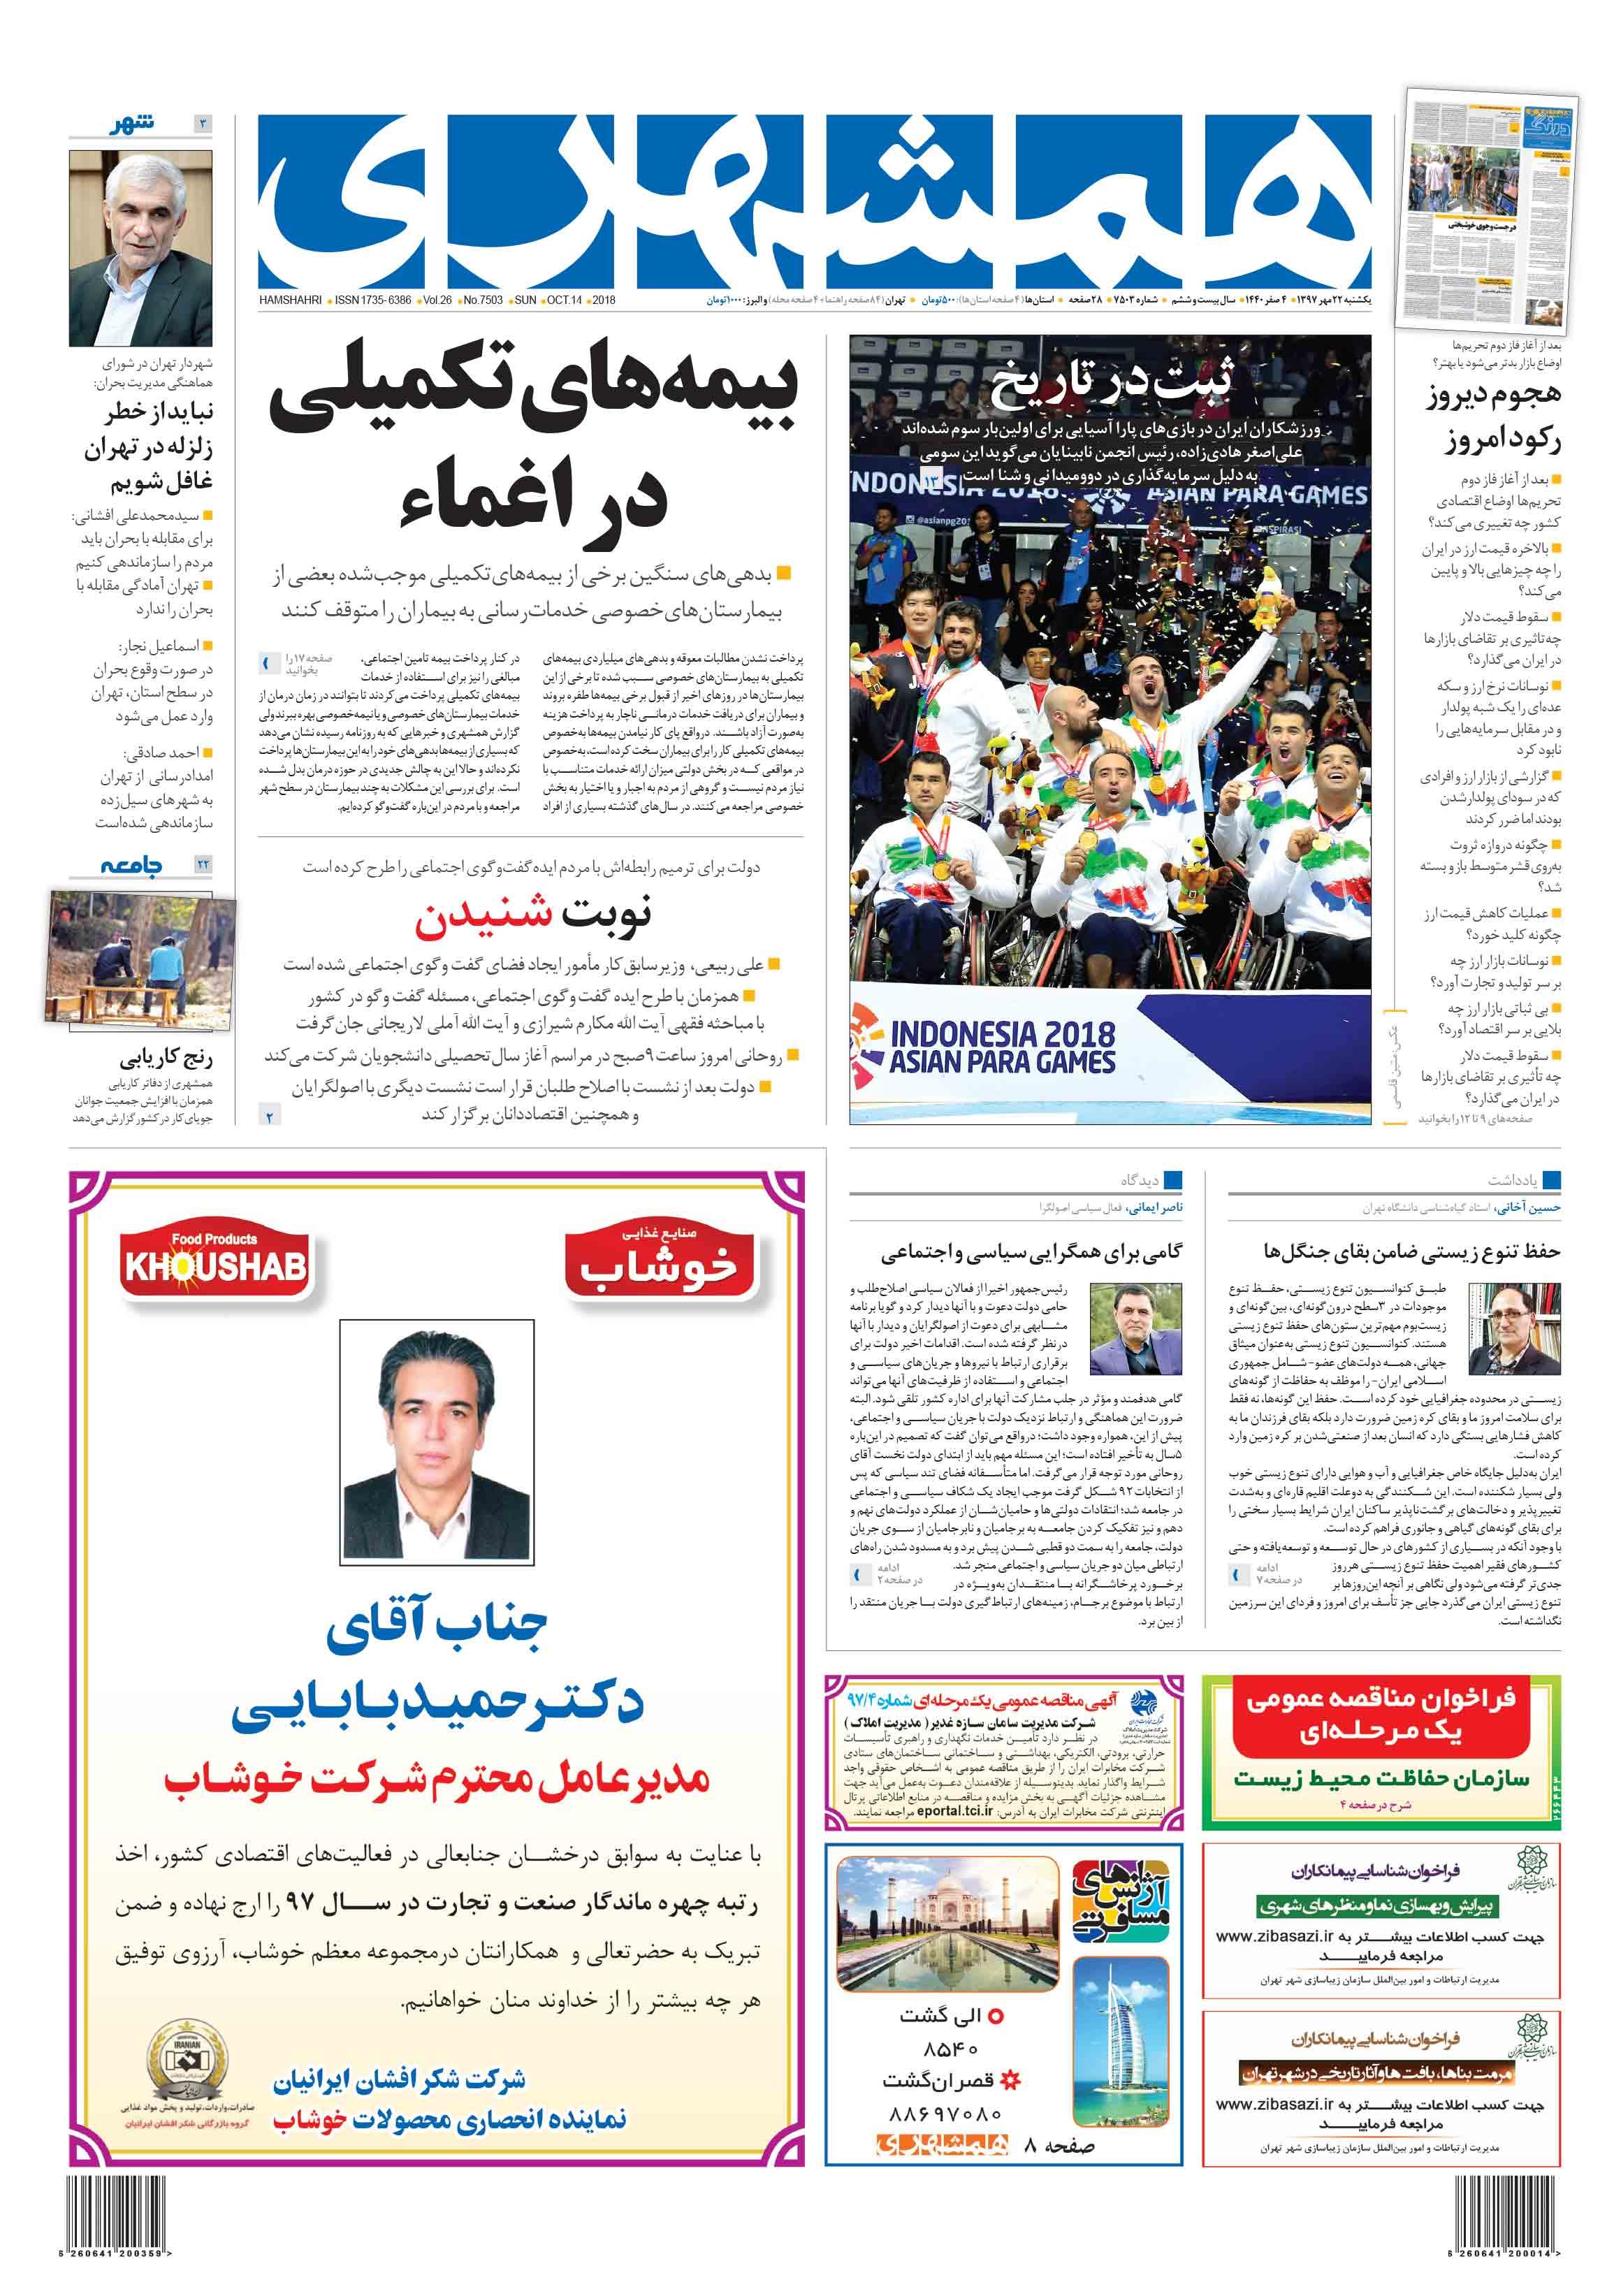 صفحه اول یکشنبه 22 مهر 1397